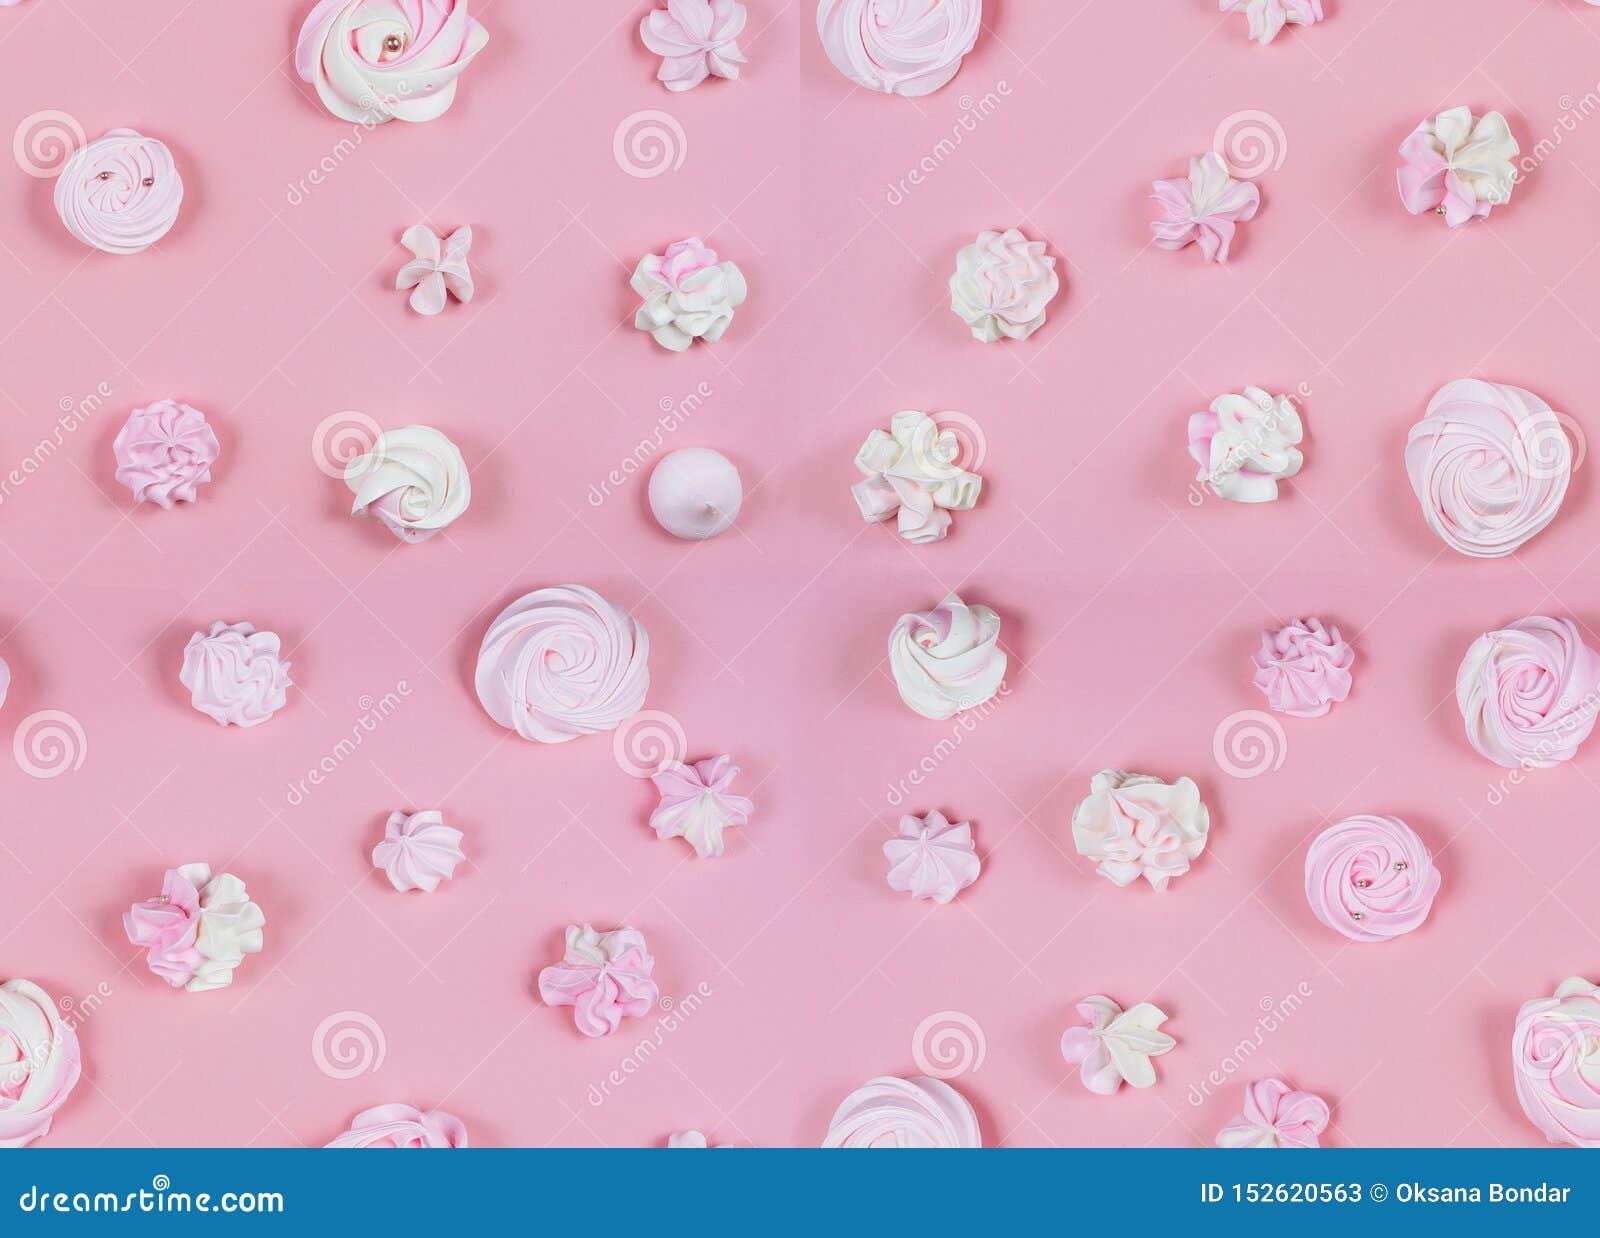 Положение розового сладкого дня рождения картины пастельное плоское